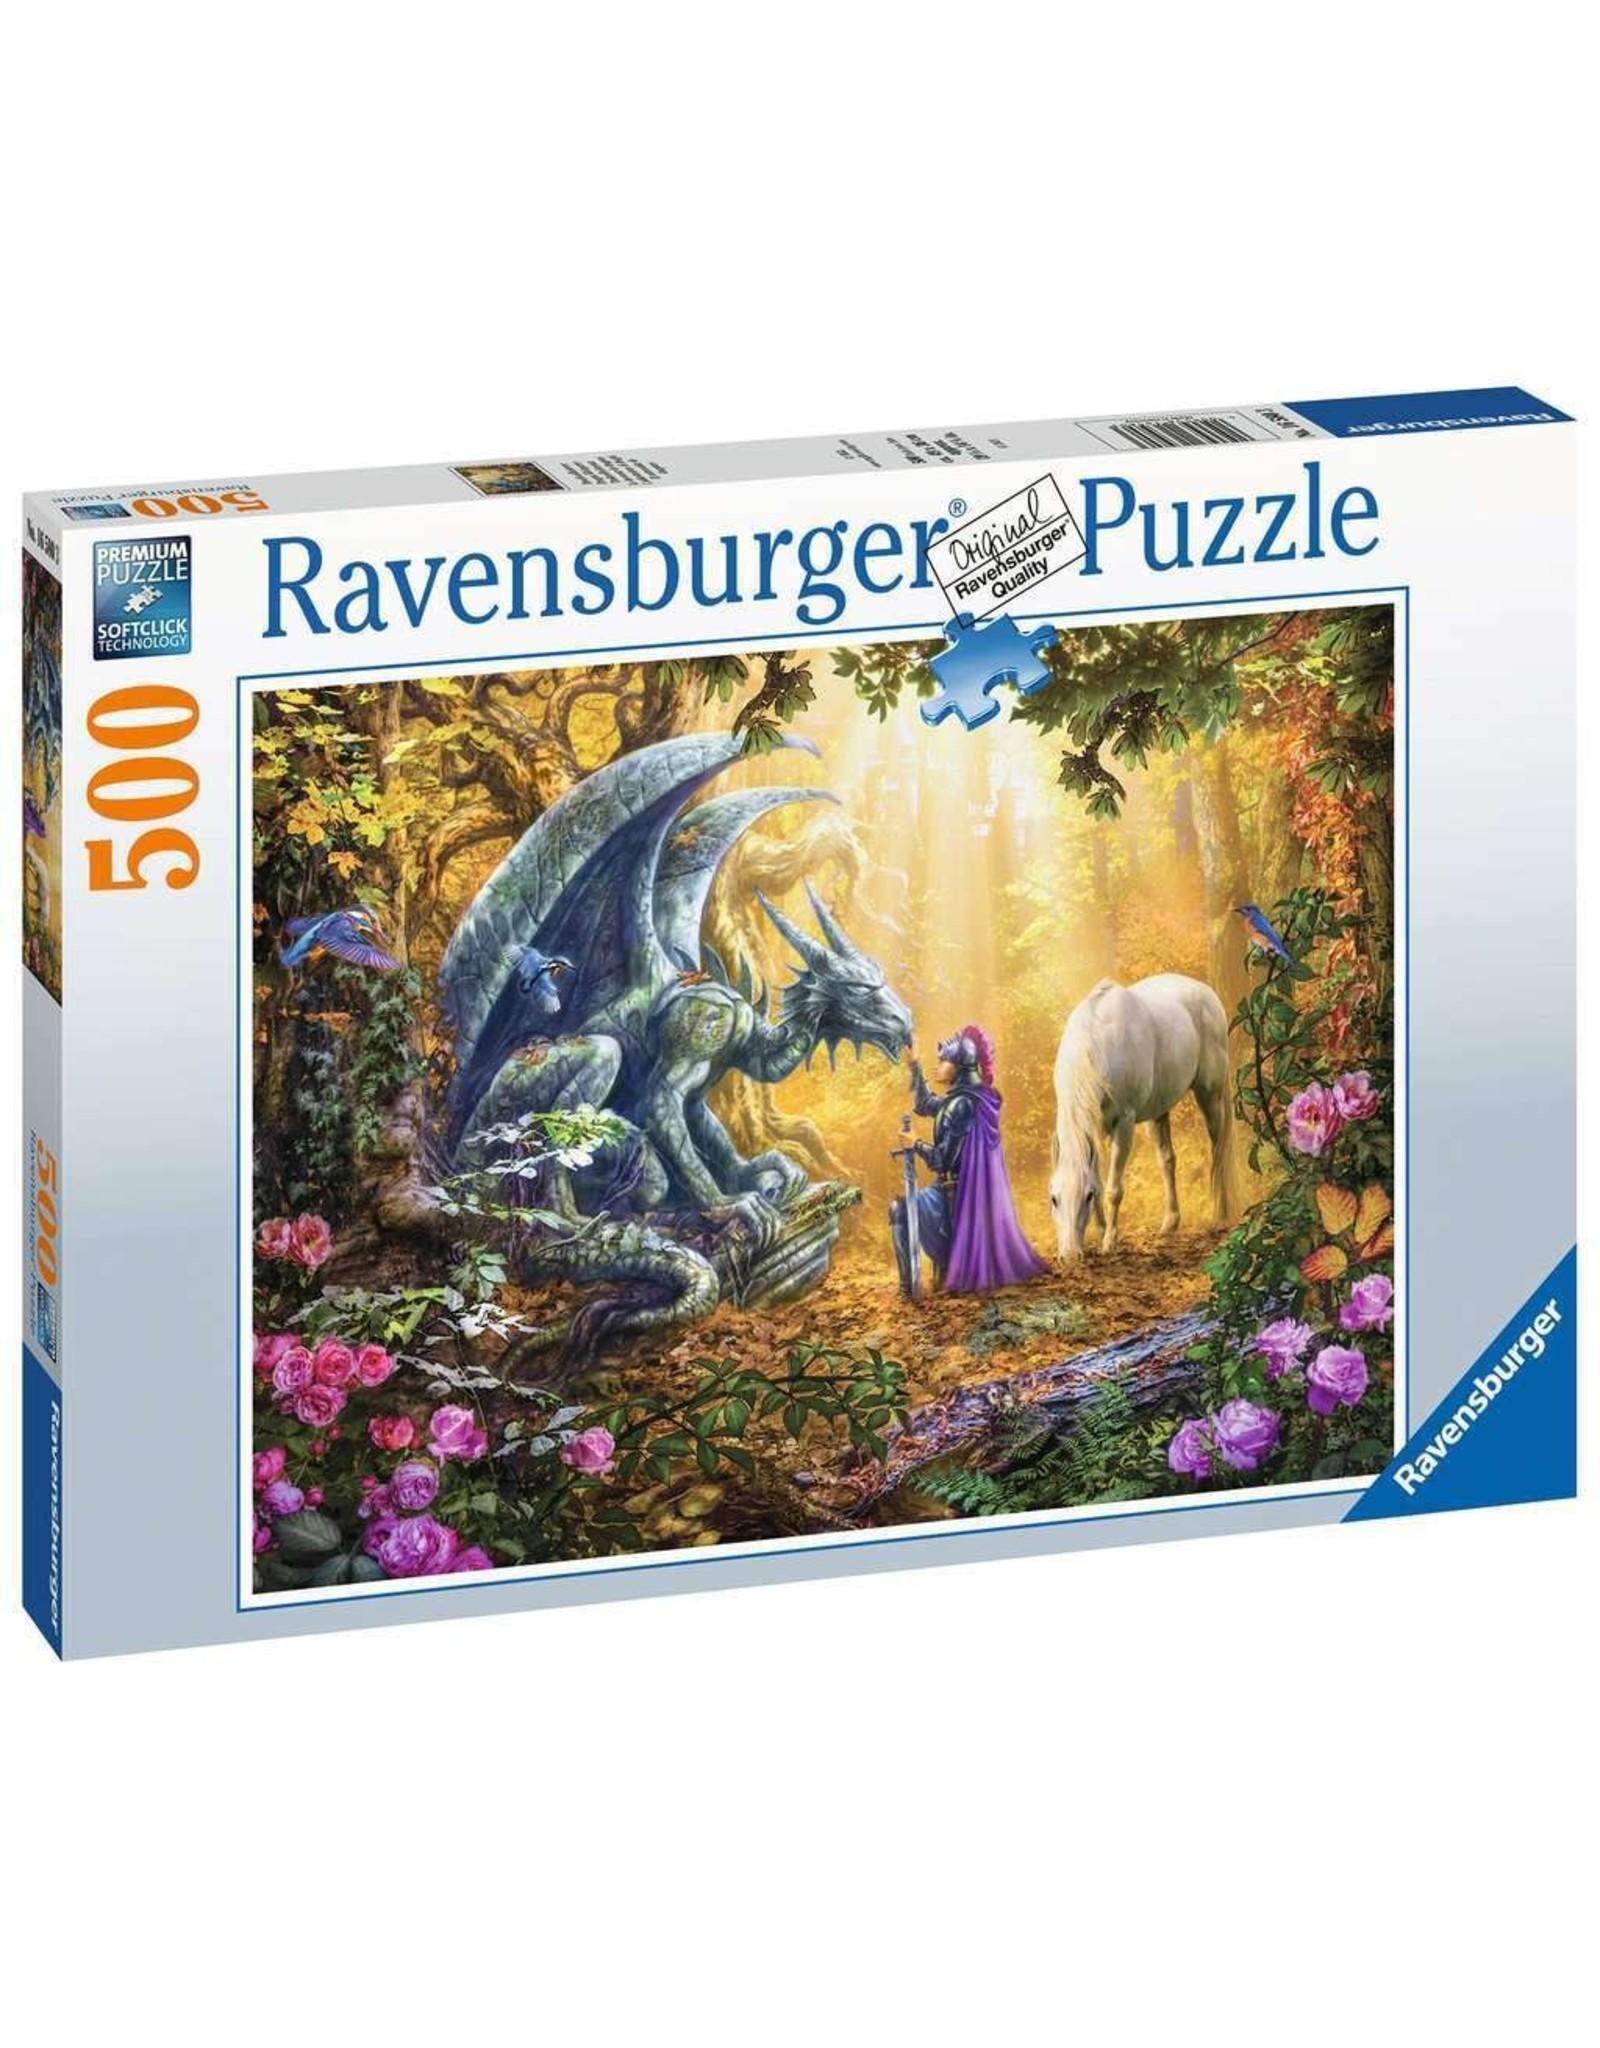 Ravensburger 500 pcs. Dragon Whispers Puzzle